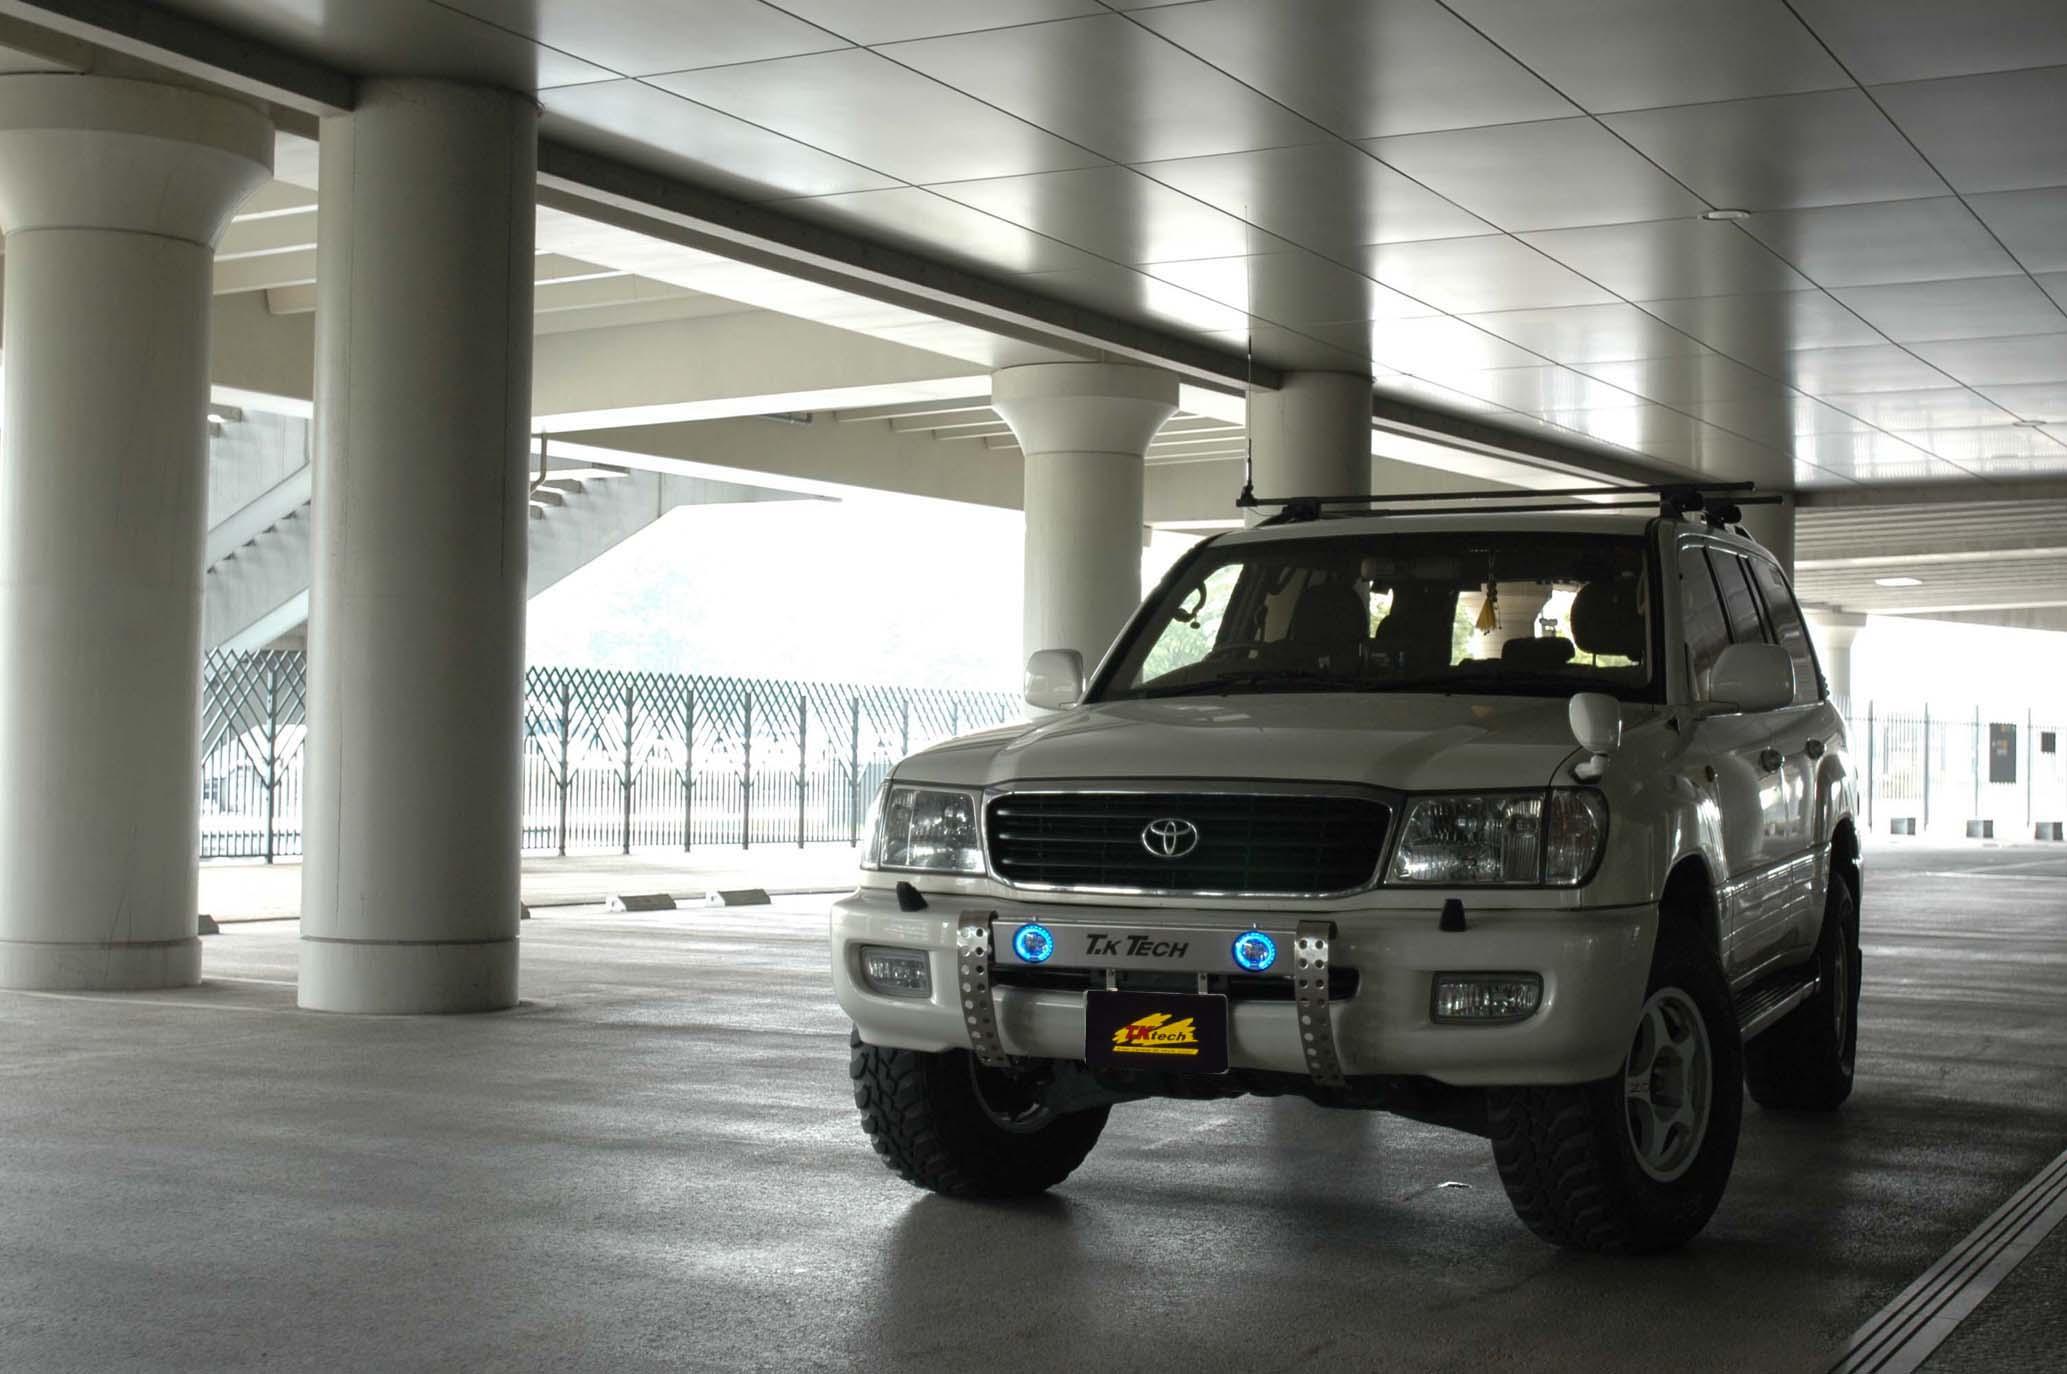 ランクル100用カスタムパーツ フォグランプステー フォグランプ&LEDブルーリング付き『LEDDOTARM』